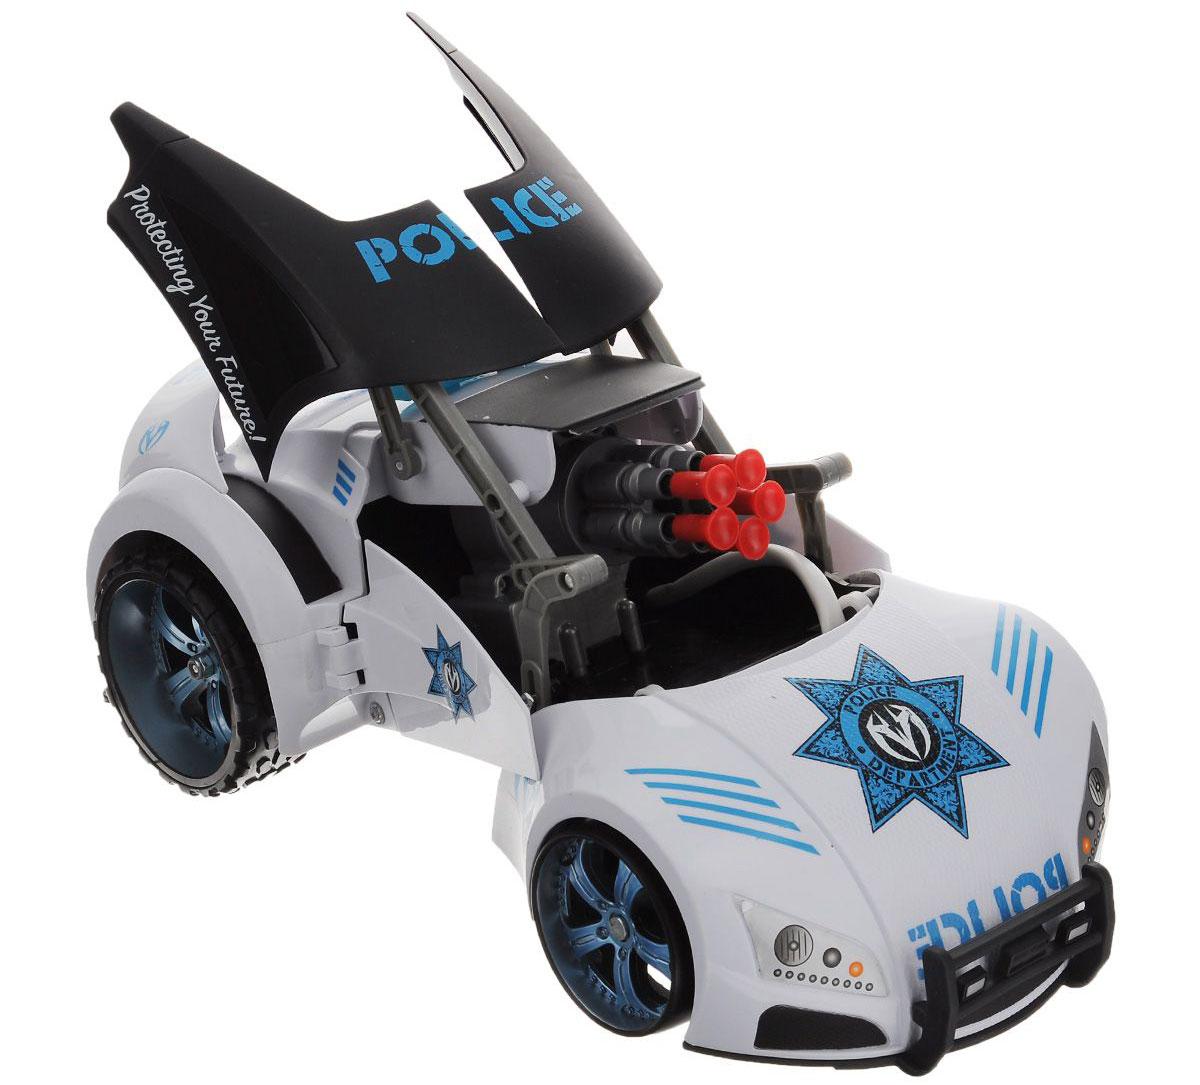 Maisto Игрушка-трансформер на радиоуправлении Police Project 6681112_белый_2944Радиоуправляемая игрушка Maisto Police Project: 66 с ярким привлекающим внимание дизайном обязательно понравится всем любителям автомобилей. Модель выполнена из высококачественного пластика в виде полицейской машины с ультрасовременным стильным дизайном, но это еще не все. При нажатии кнопки на бампере или на пульте ДУ машина трансформируется: открывается крыша, и теперь можно стрелять специальными стрелами на присосках (в комплекте 8 штук). Автомобиль двигается во все стороны, имеет большие задние колеса, что обеспечивает высокую проходимость. Модель оснащена профессиональным передатчиком с частотой 27 MHz. Управление с помощью дистанционного трехканального пульта (поставляется в комплекте). В комплекте инструкция по эксплуатации на русском языке. Для работы машины рекомендуется докупить 6 батареек напряжением 1,5V типа АА (товар комплектуется демонстрационными). Для работы пульта управления рекомендуется докупить 1 батарейку напряжением 9V (товар...